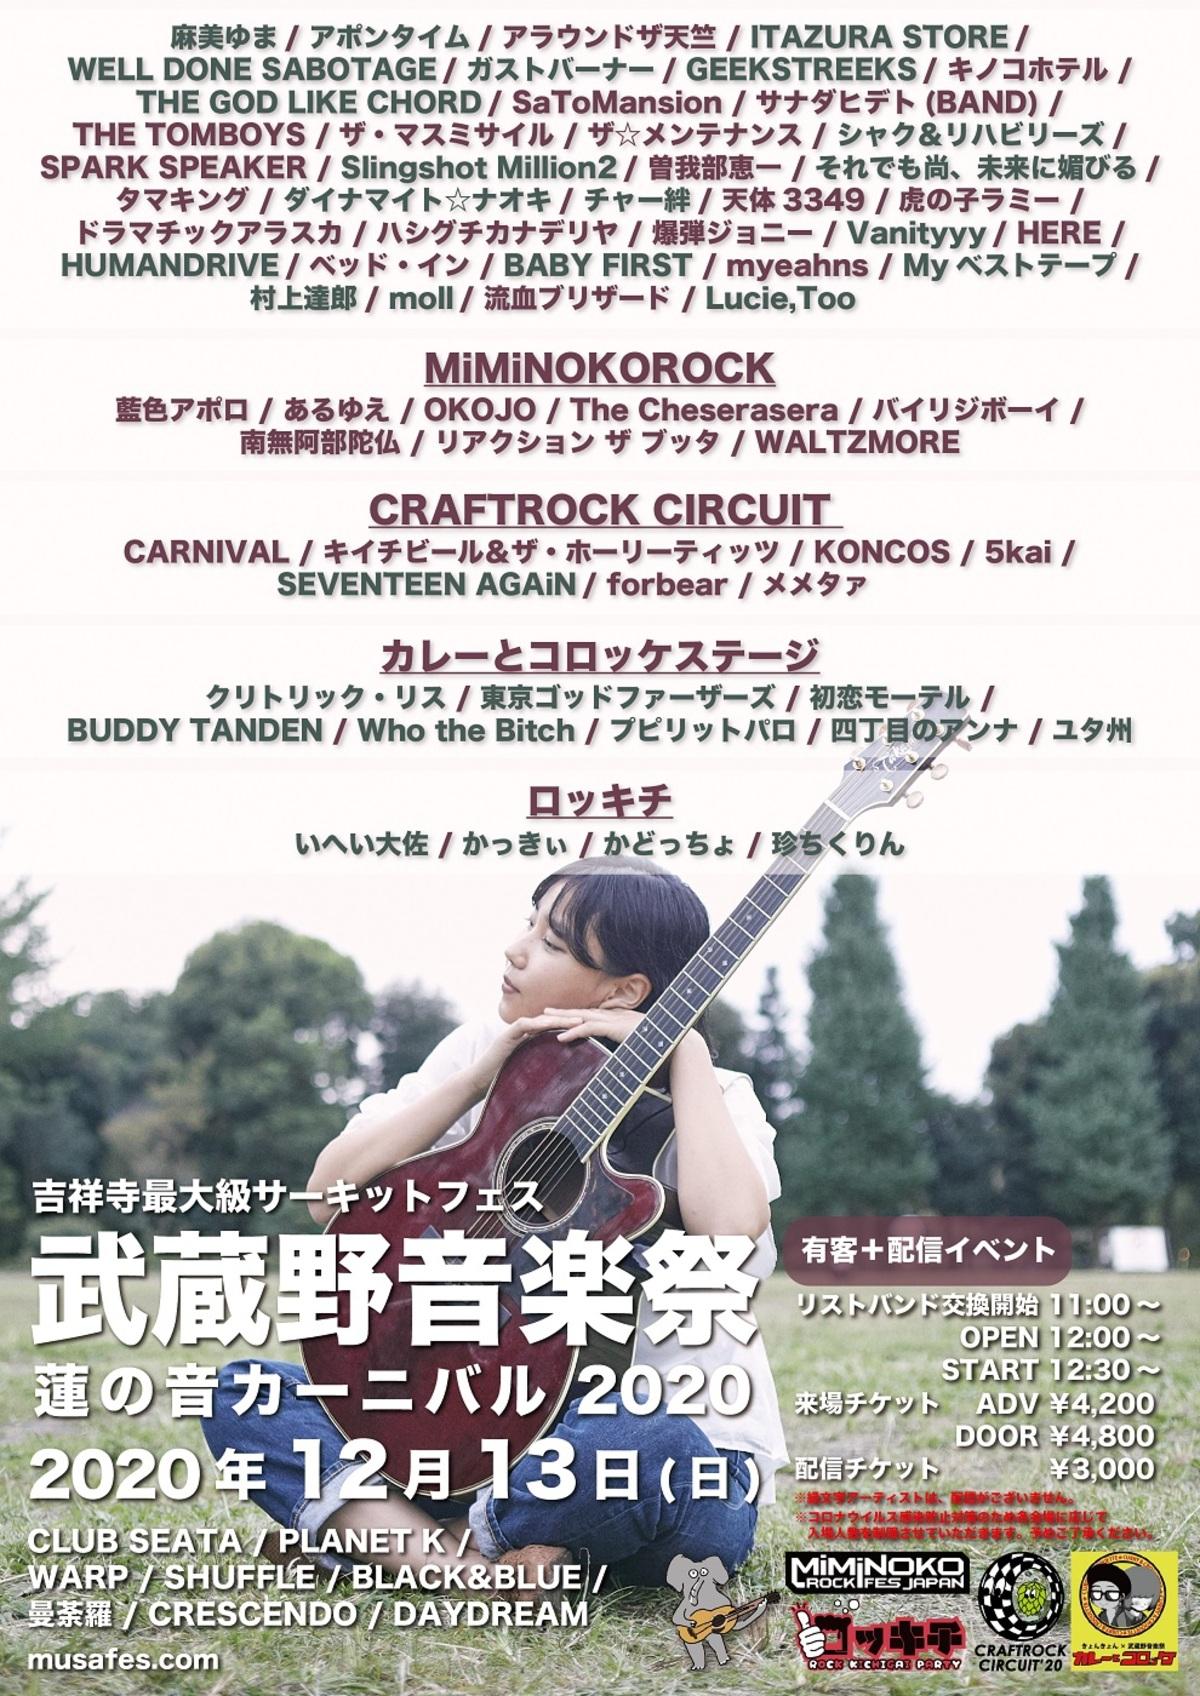 テーブル 音楽 祭 テレビ 東京 タイム